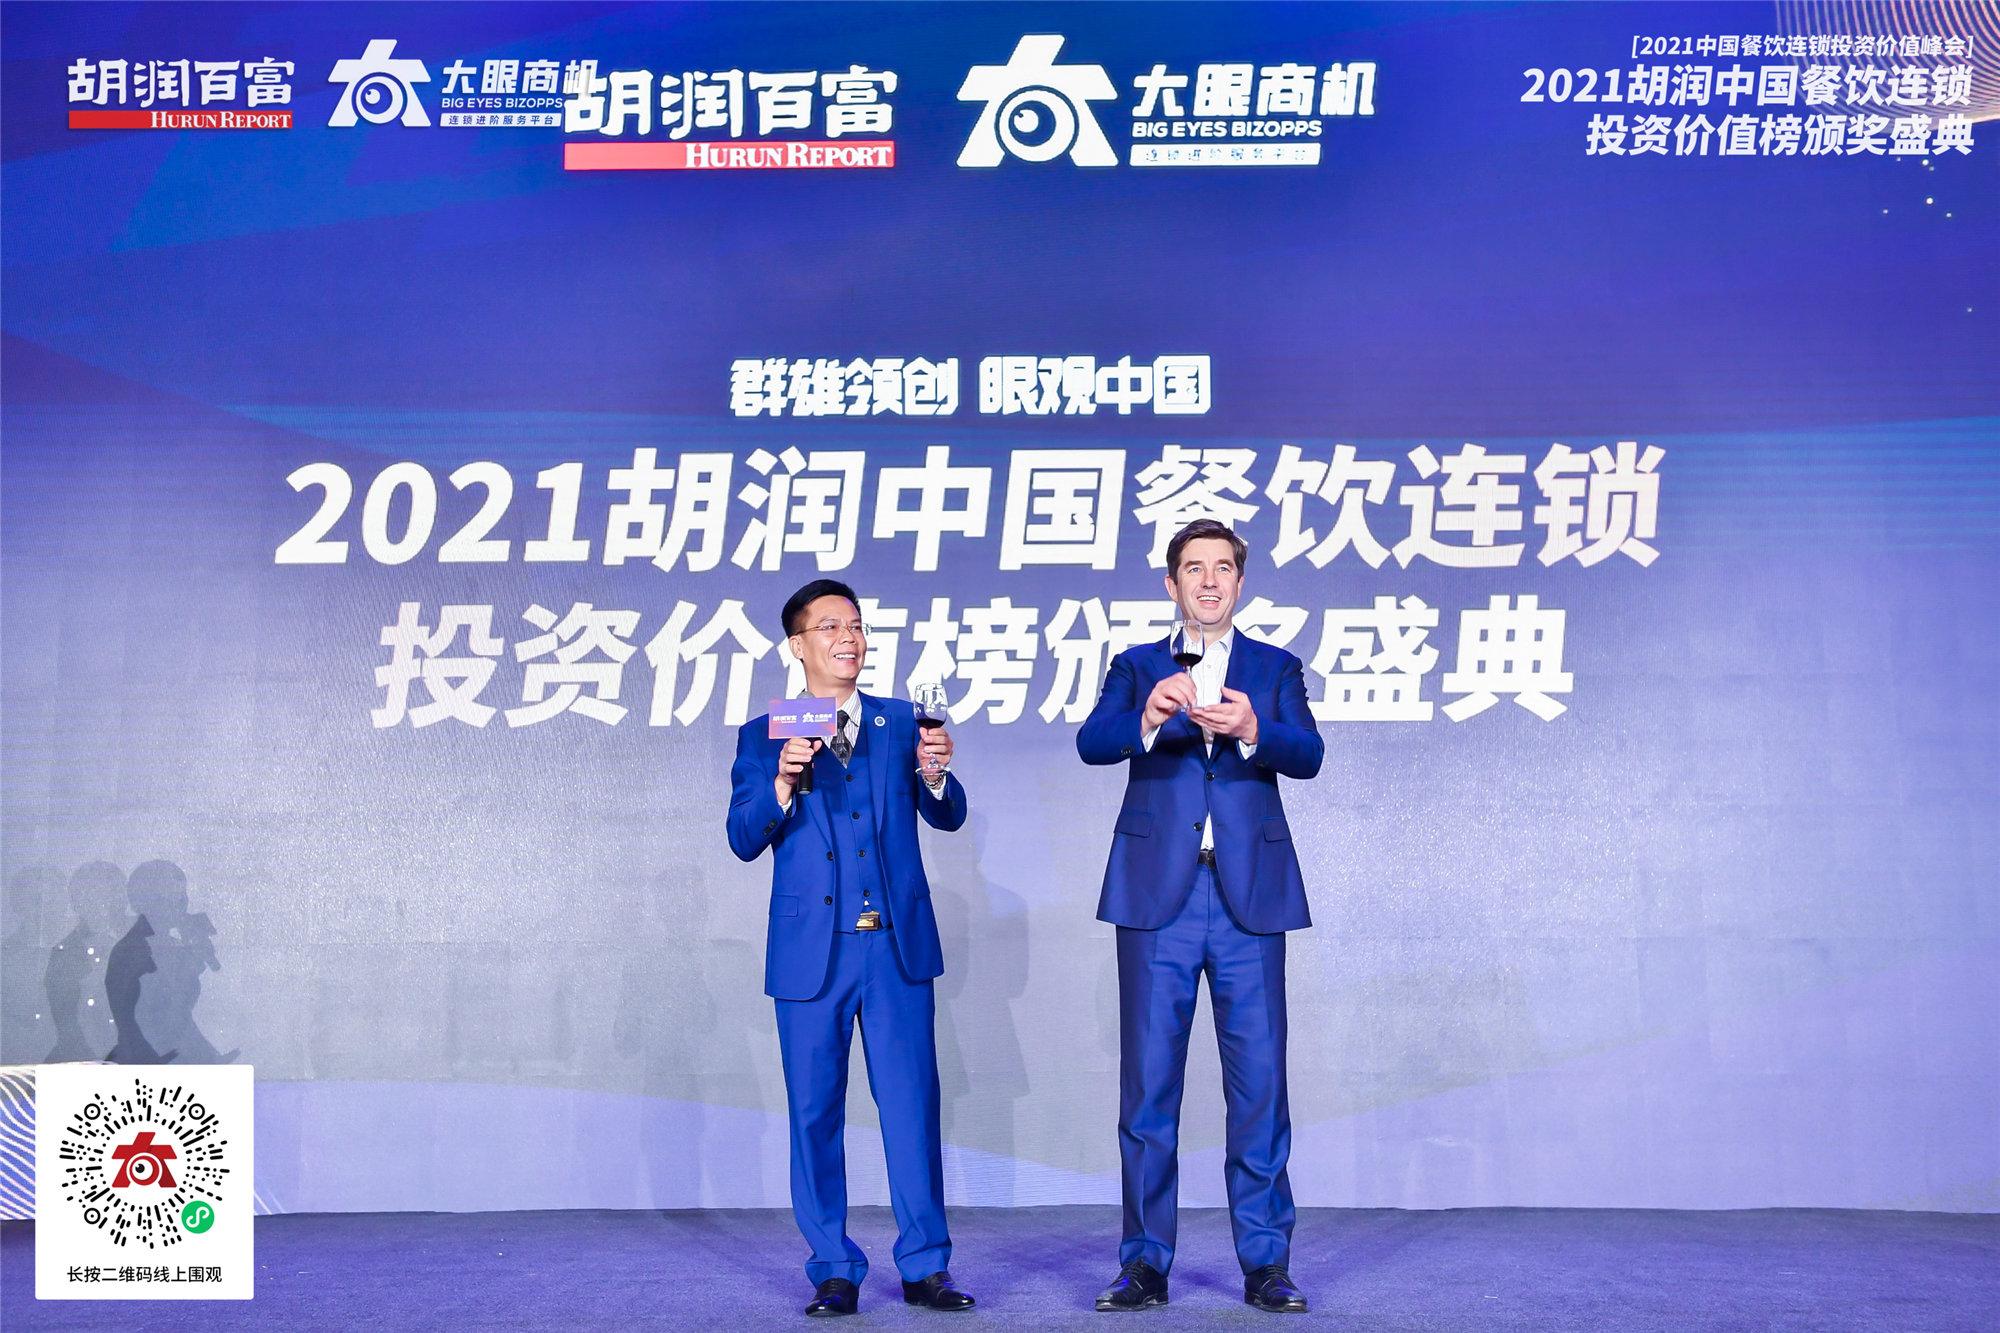 重磅!CCH连锁加盟展荣获2021胡润中国金口碑服务商